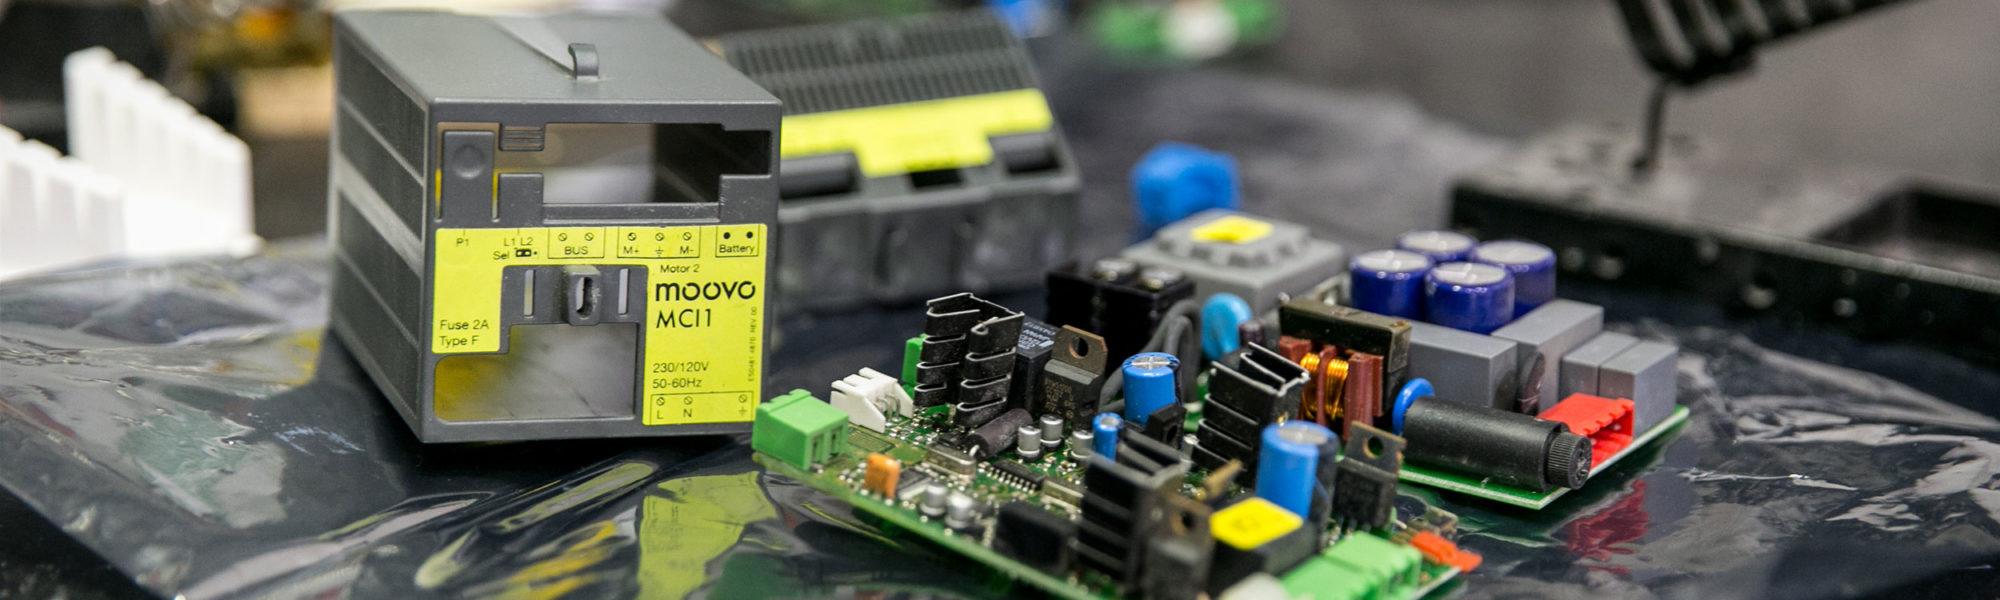 Réparation MOOVO MCI1